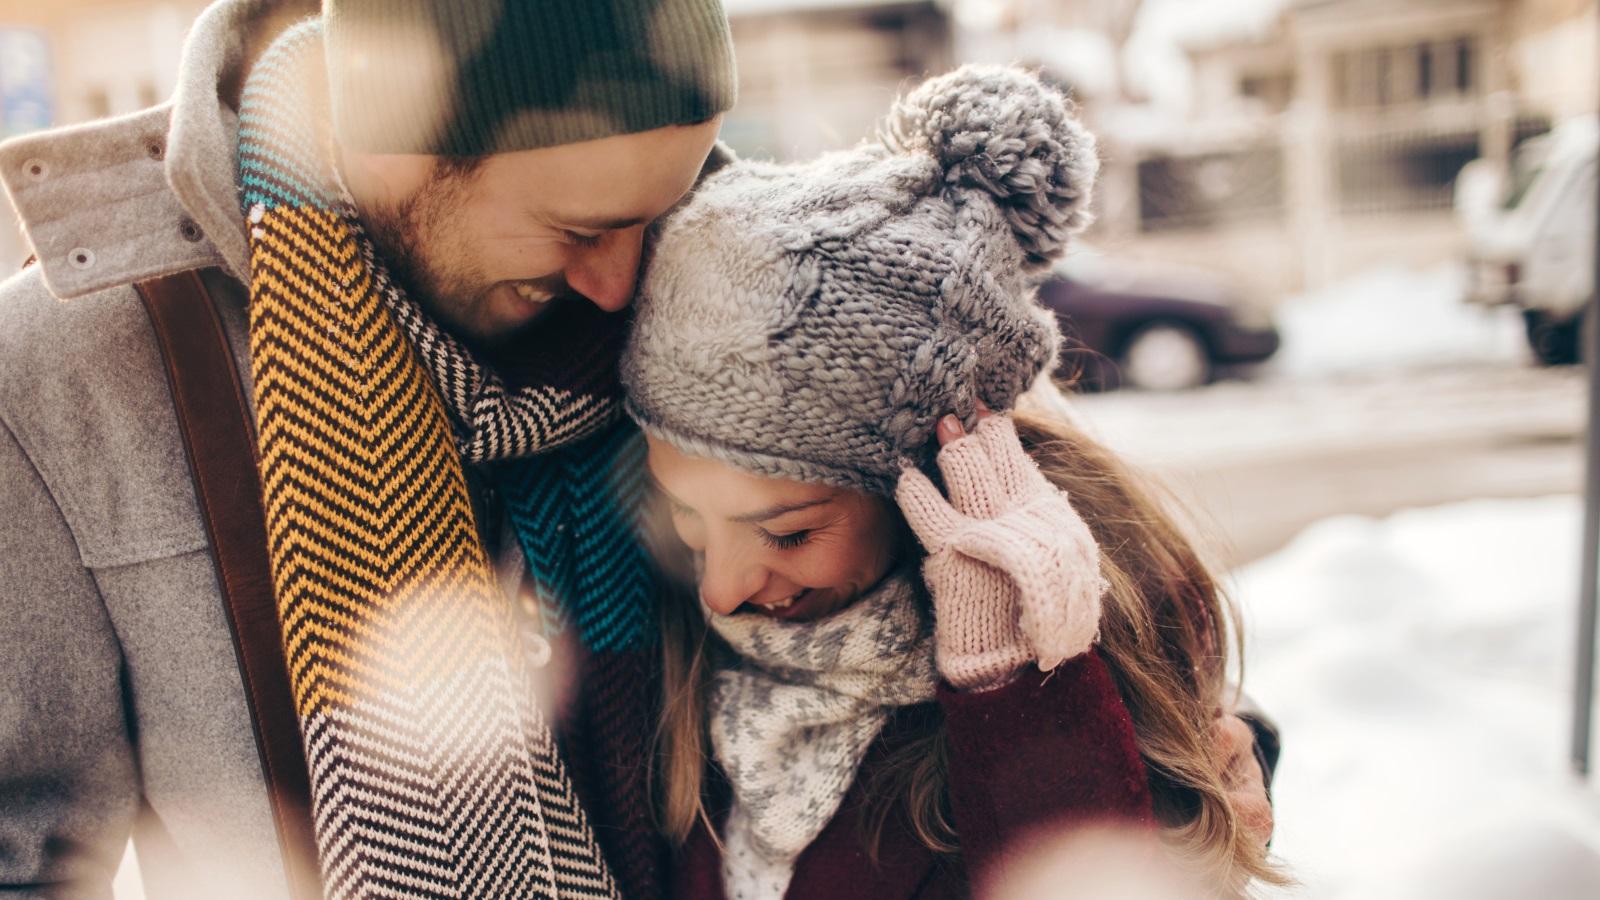 <p>Те ни учат как да създадем неразривна връзка с някого. Тези бърборковци ни показват как първо да обичаме някого като приятел, тъй като неизбежно вярват, че това засилва доверието и честността във всяка връзка.</p>